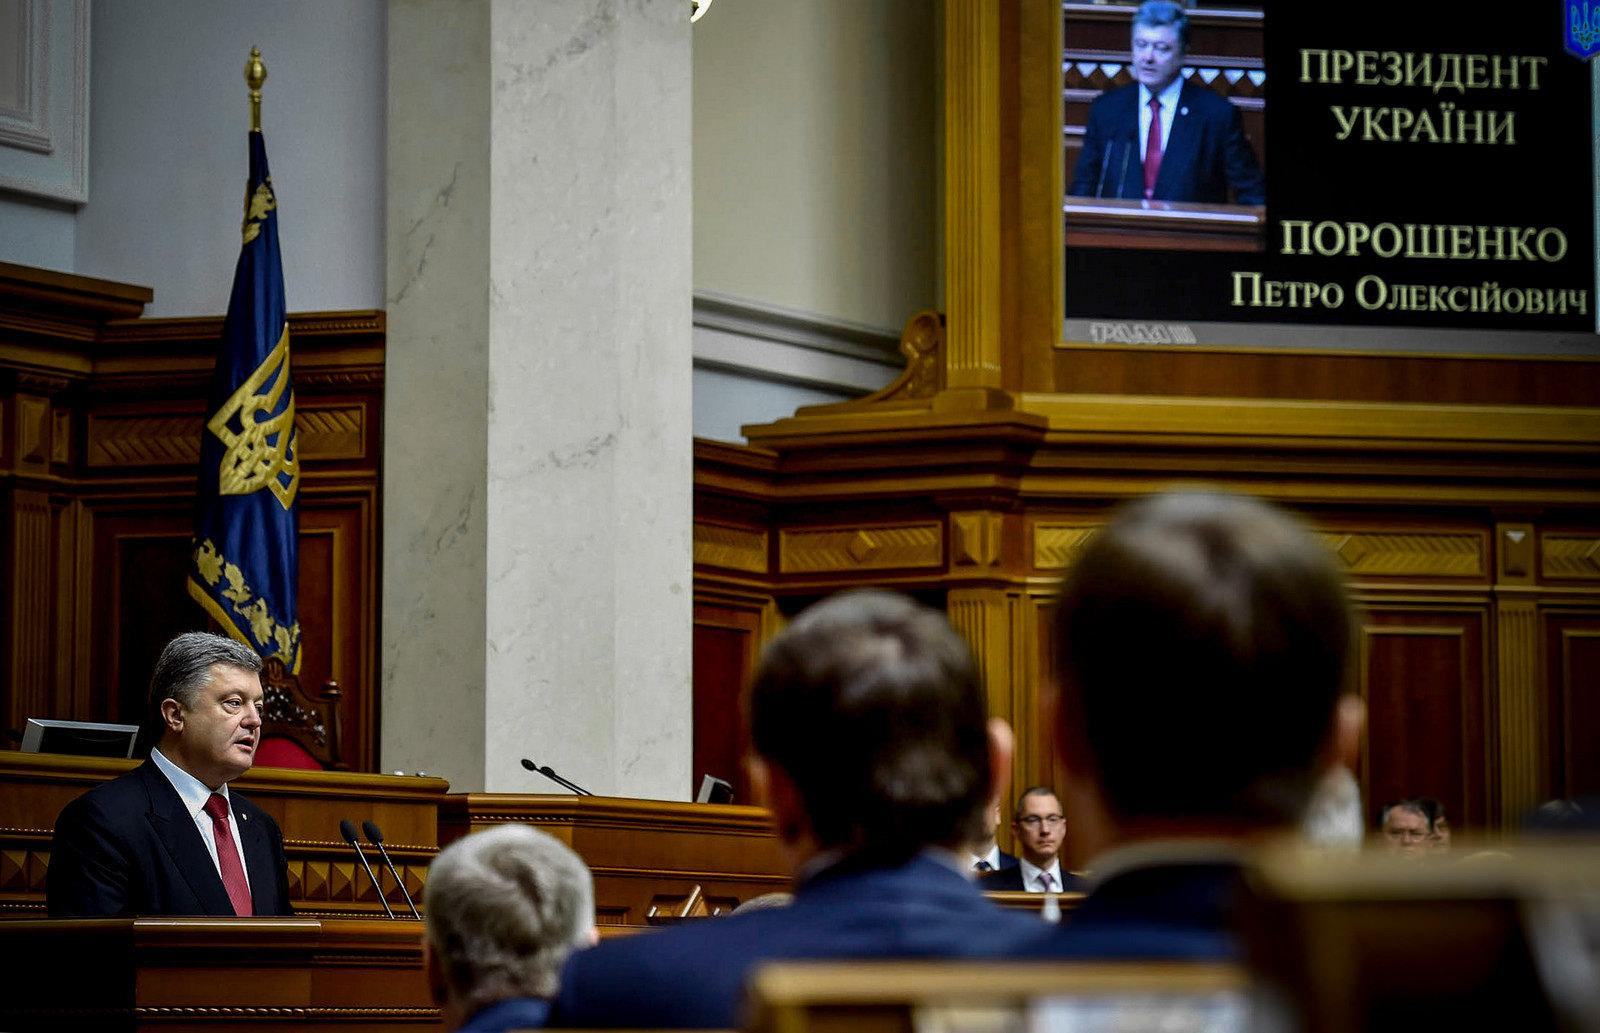 О чем будет говорить Порошенко перед народными депутатами